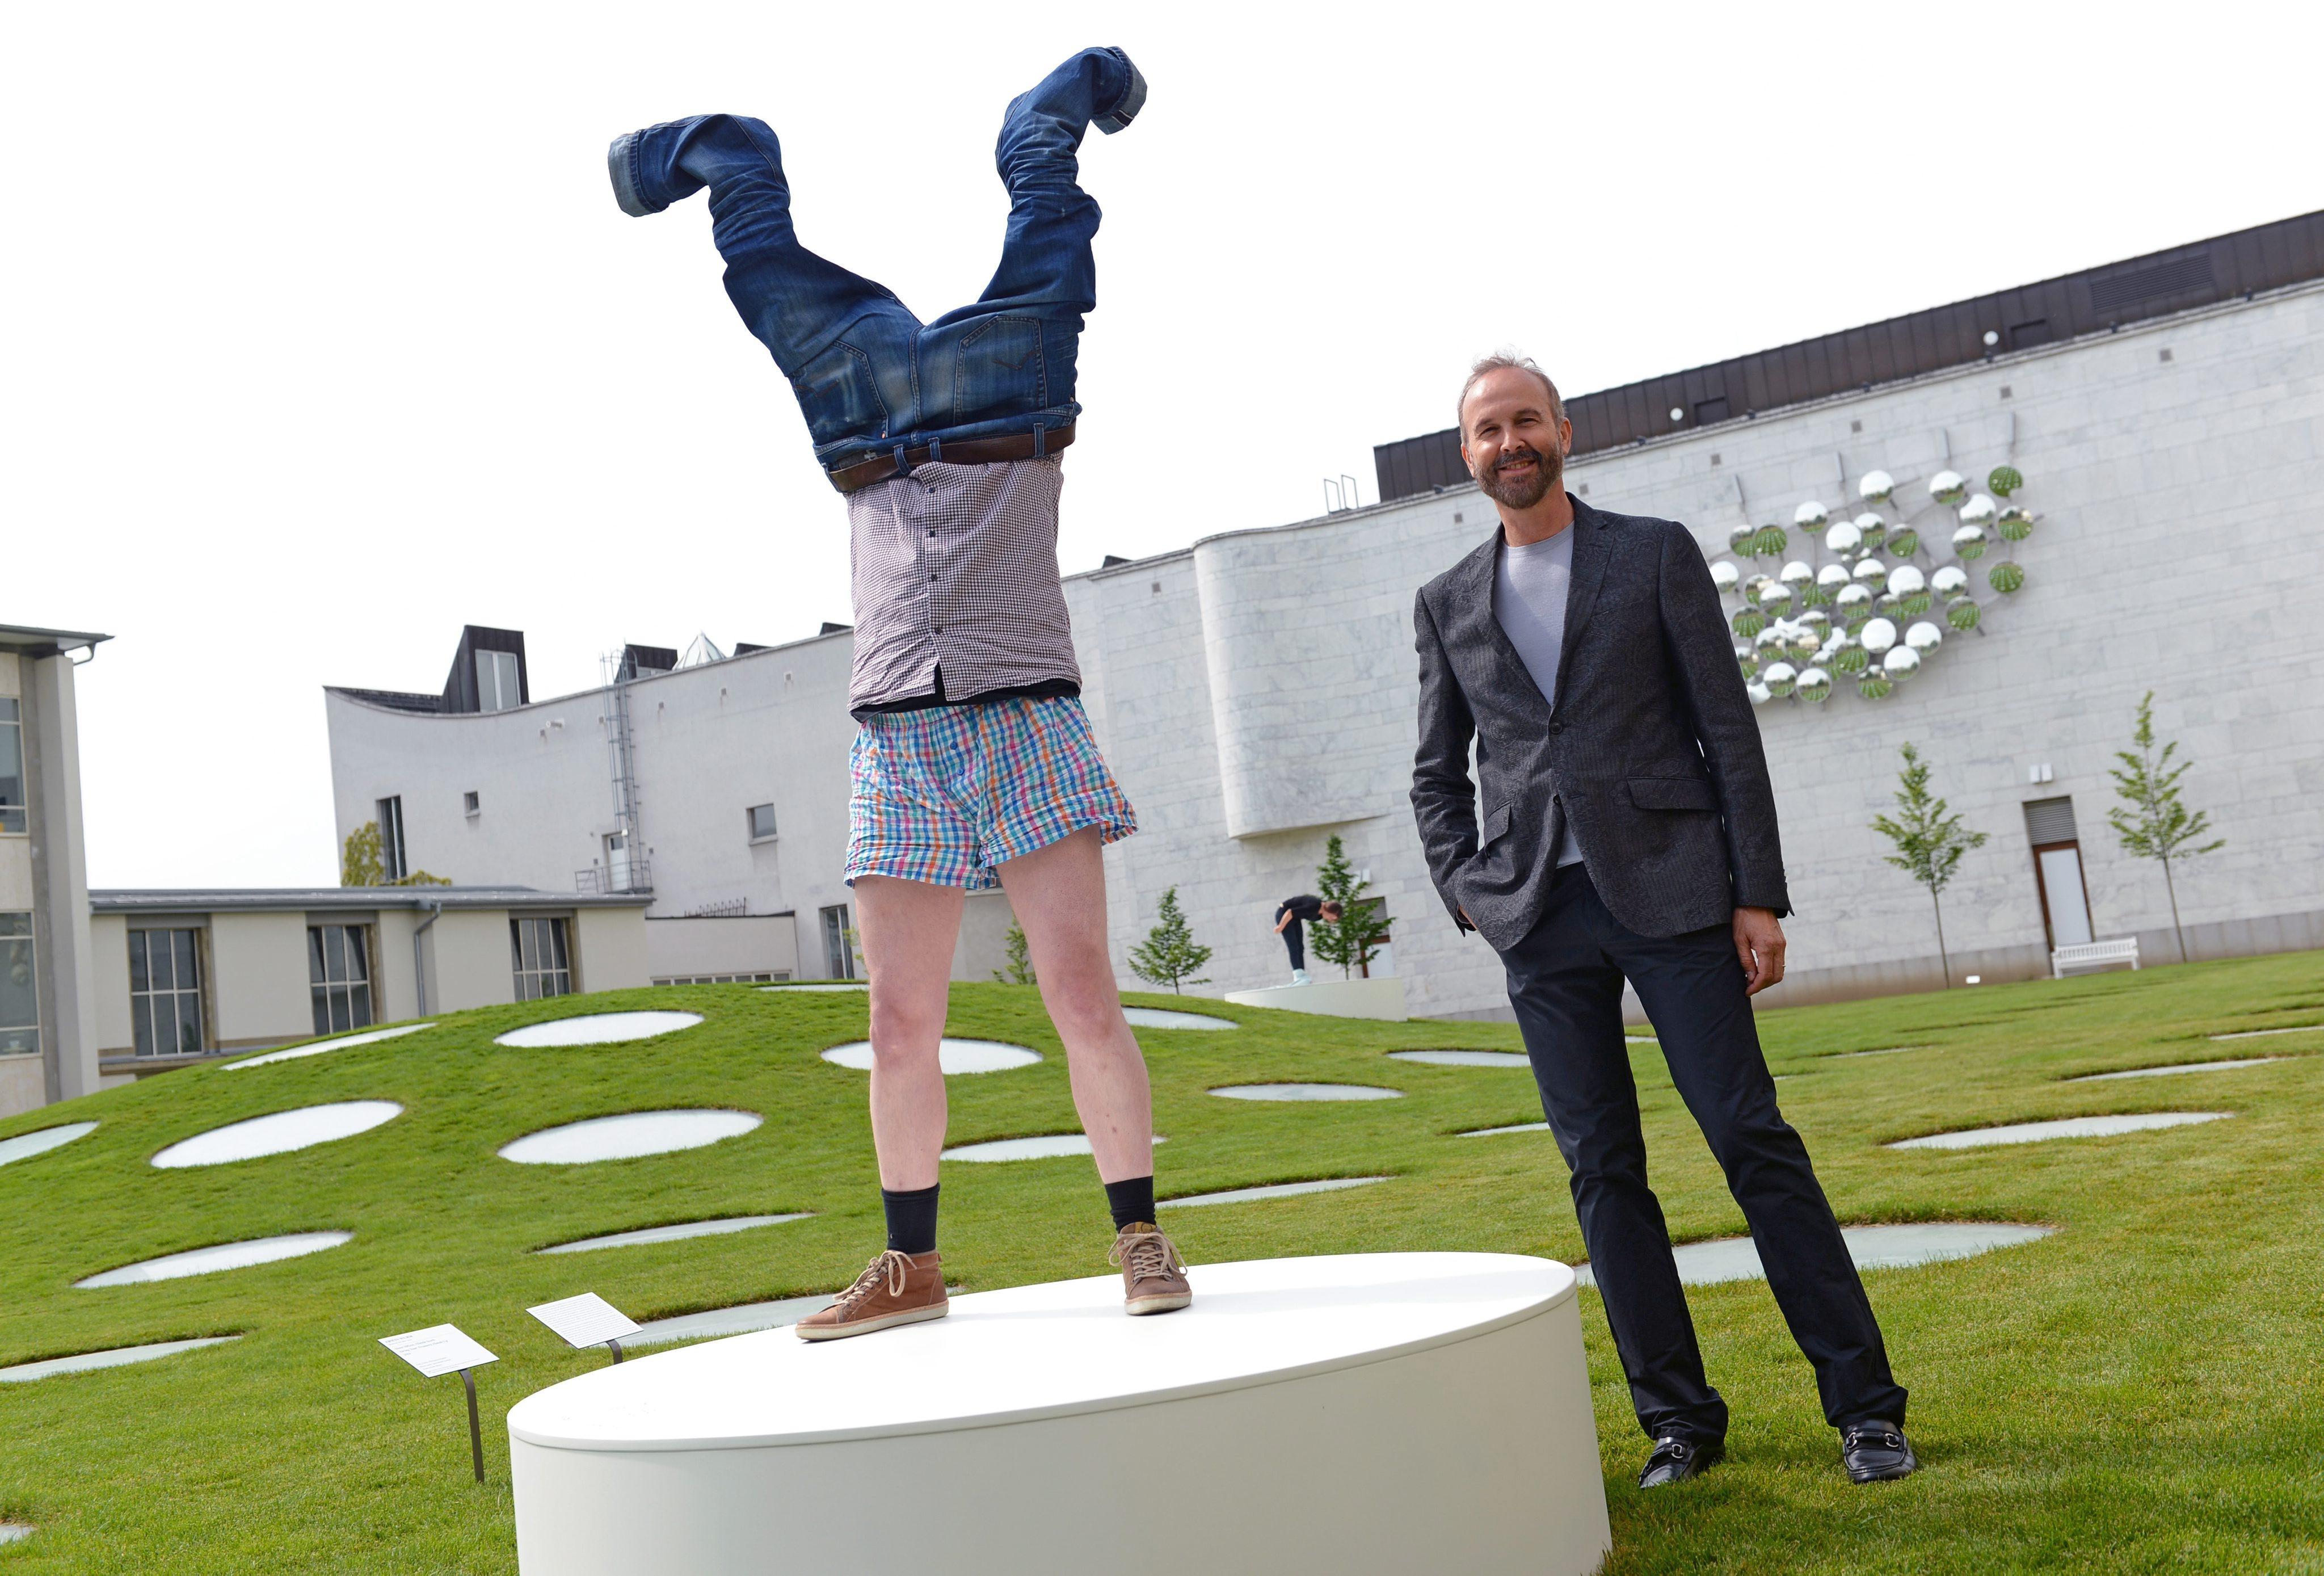 Erwin Wurm: Bizarre one minute sculptures